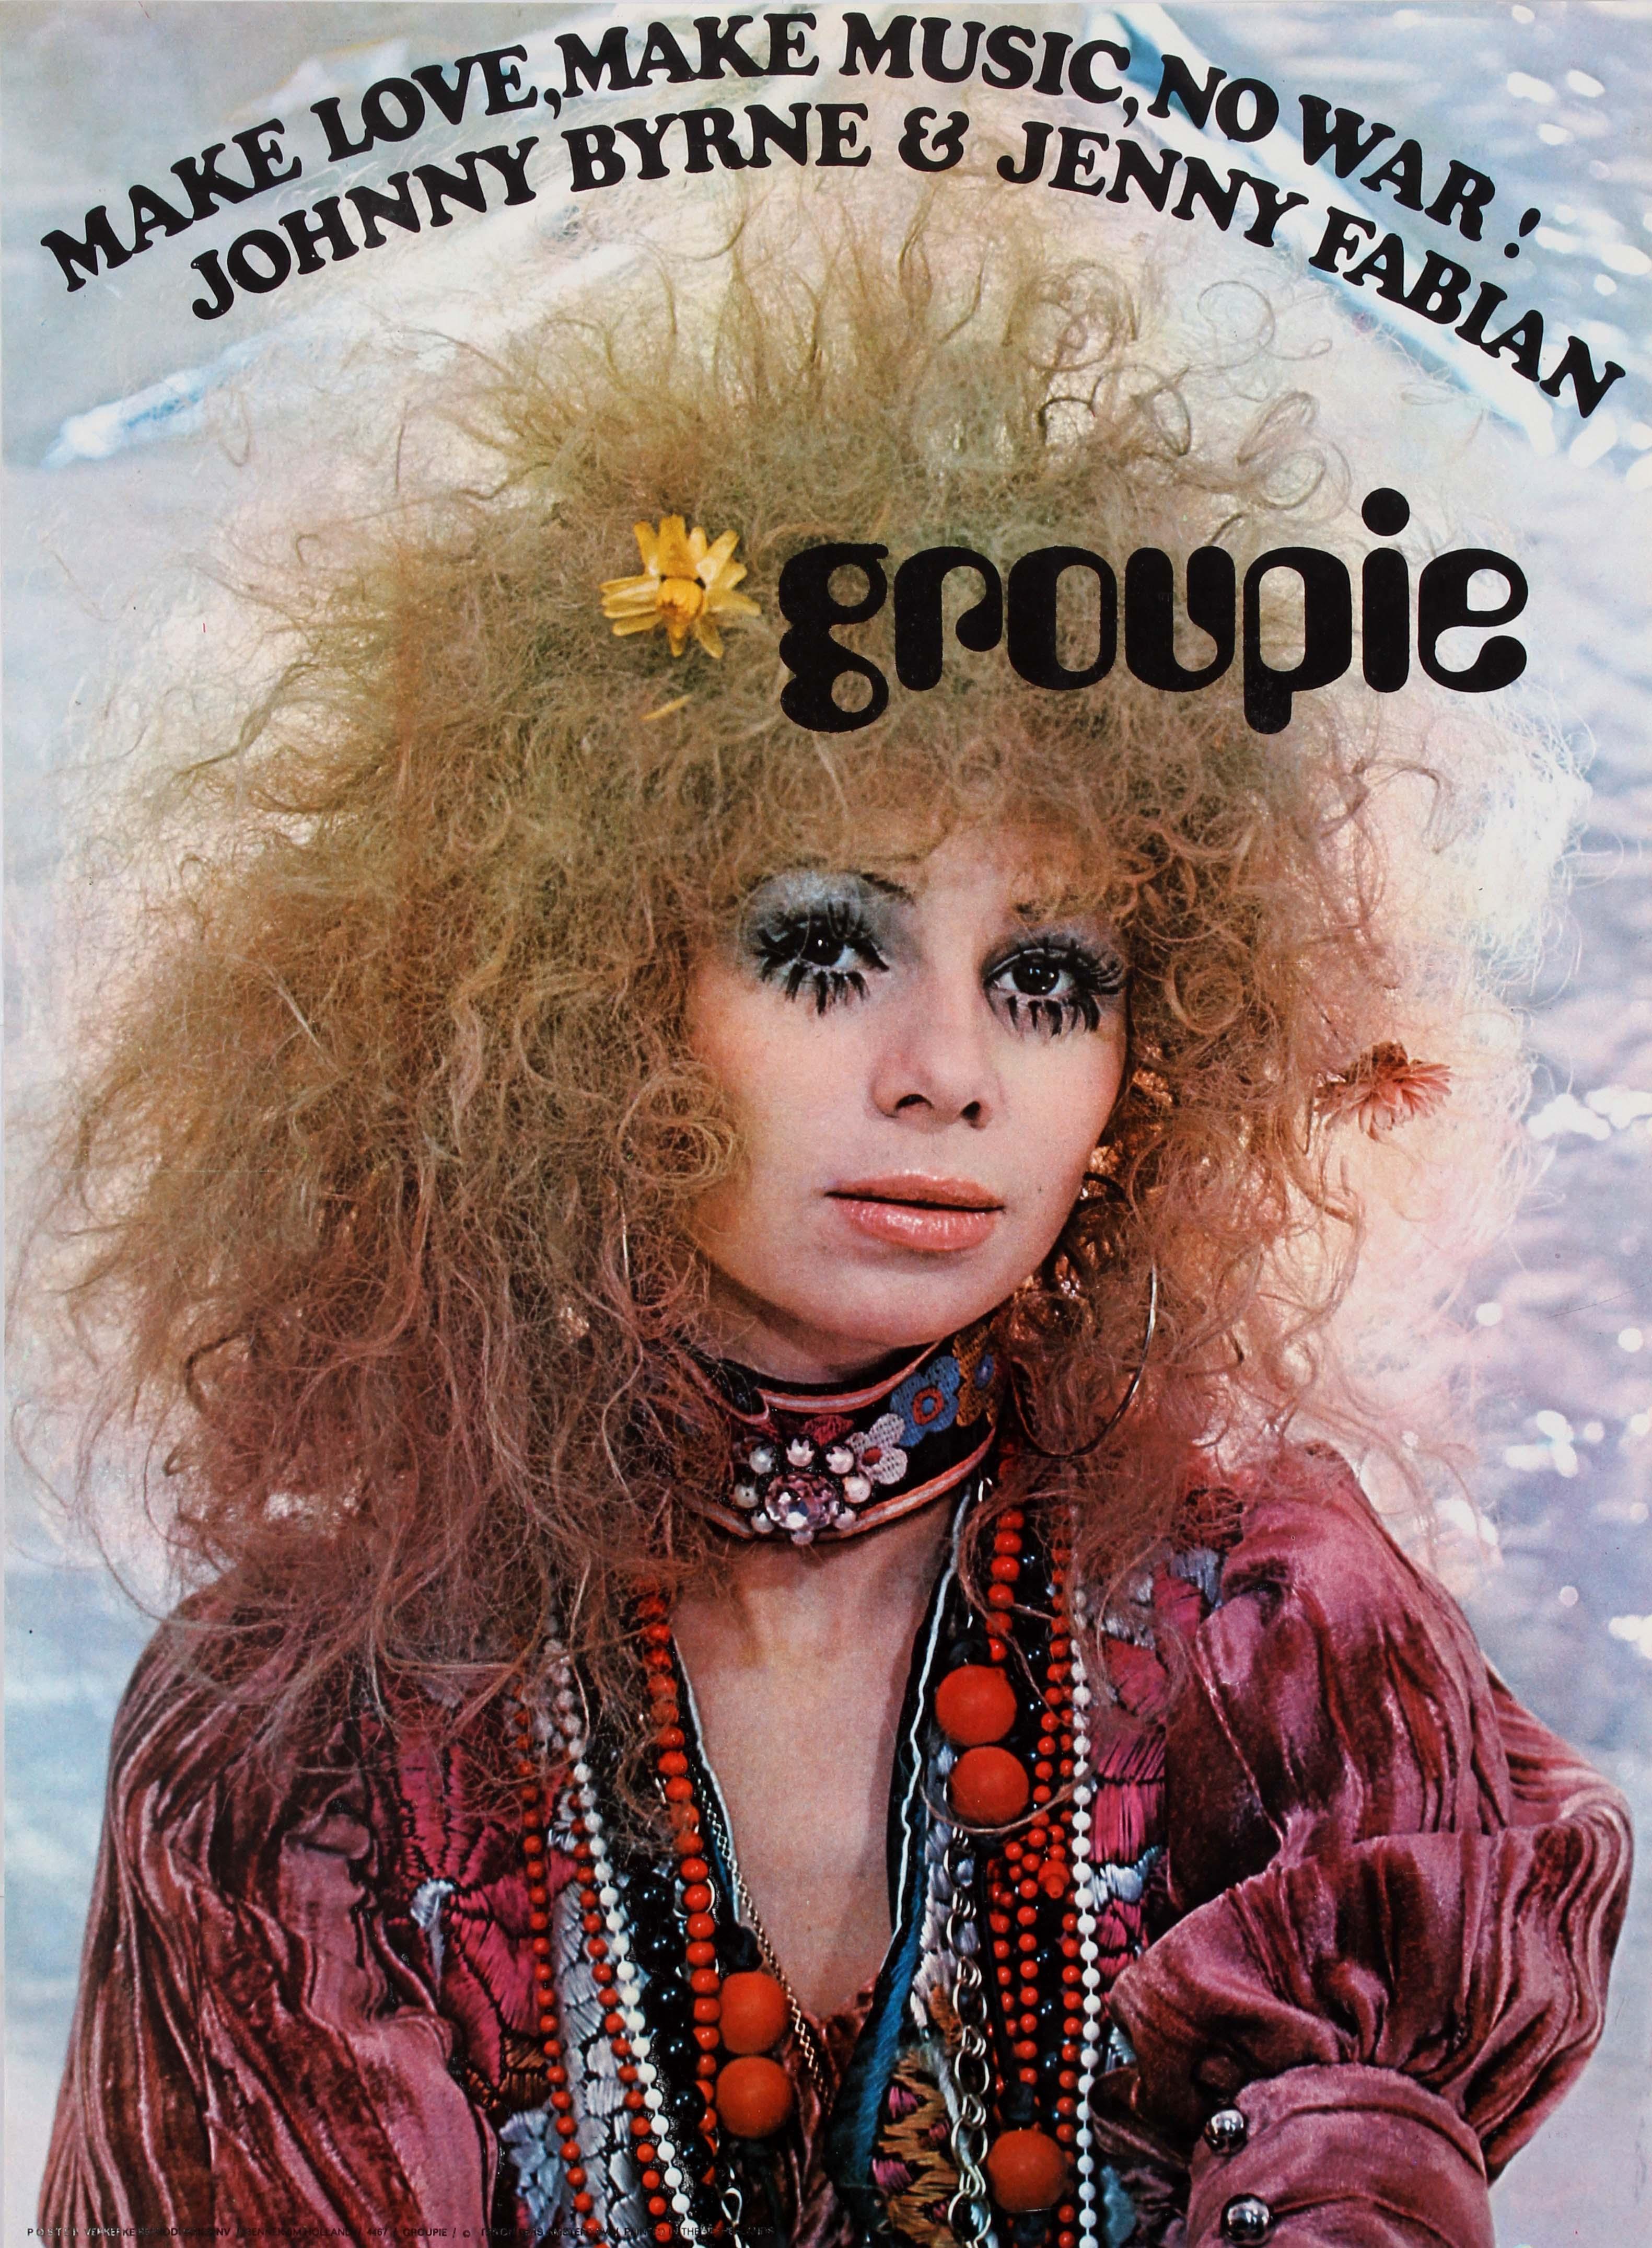 Advertising Poster Groupie - Make Love, Make Music, No War